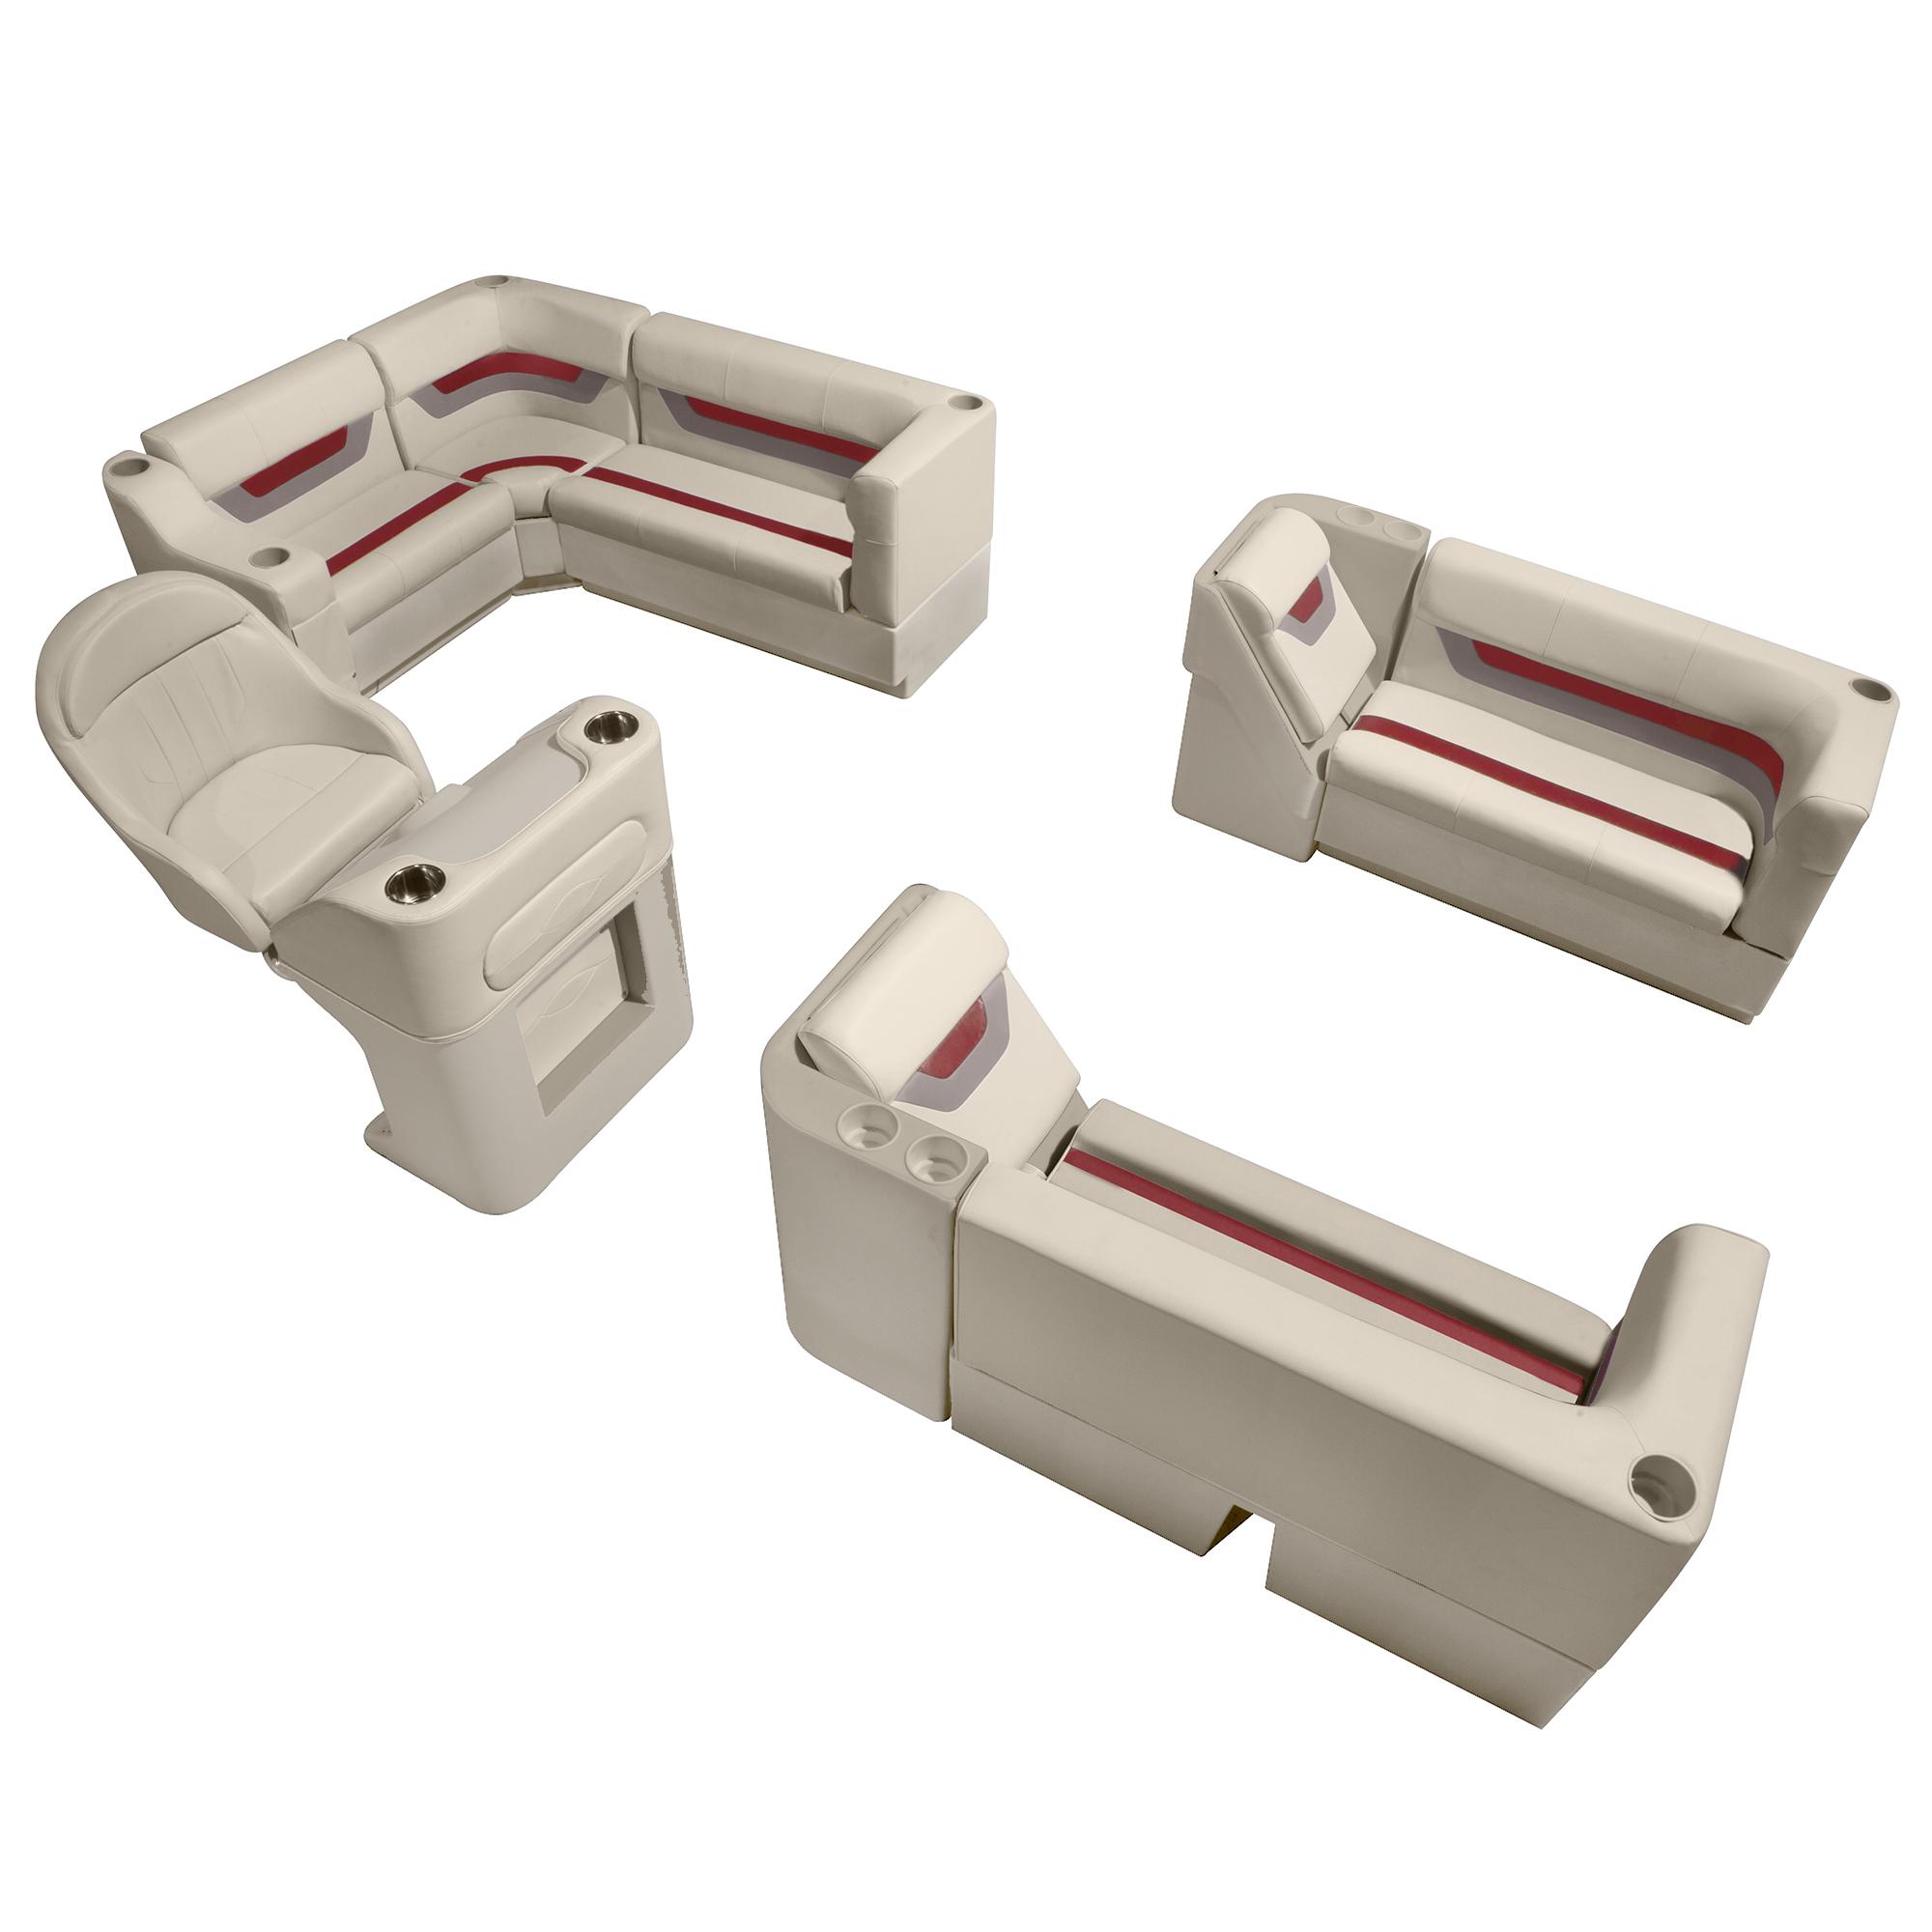 Designer Pontoon Furniture - Complete Boat Package, Platinum/Dark Red/Mocha